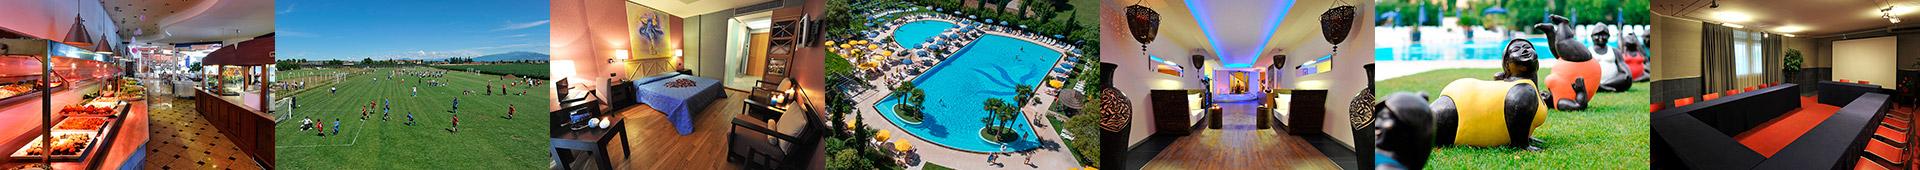 Hotel Antares - Villafranca (VR)